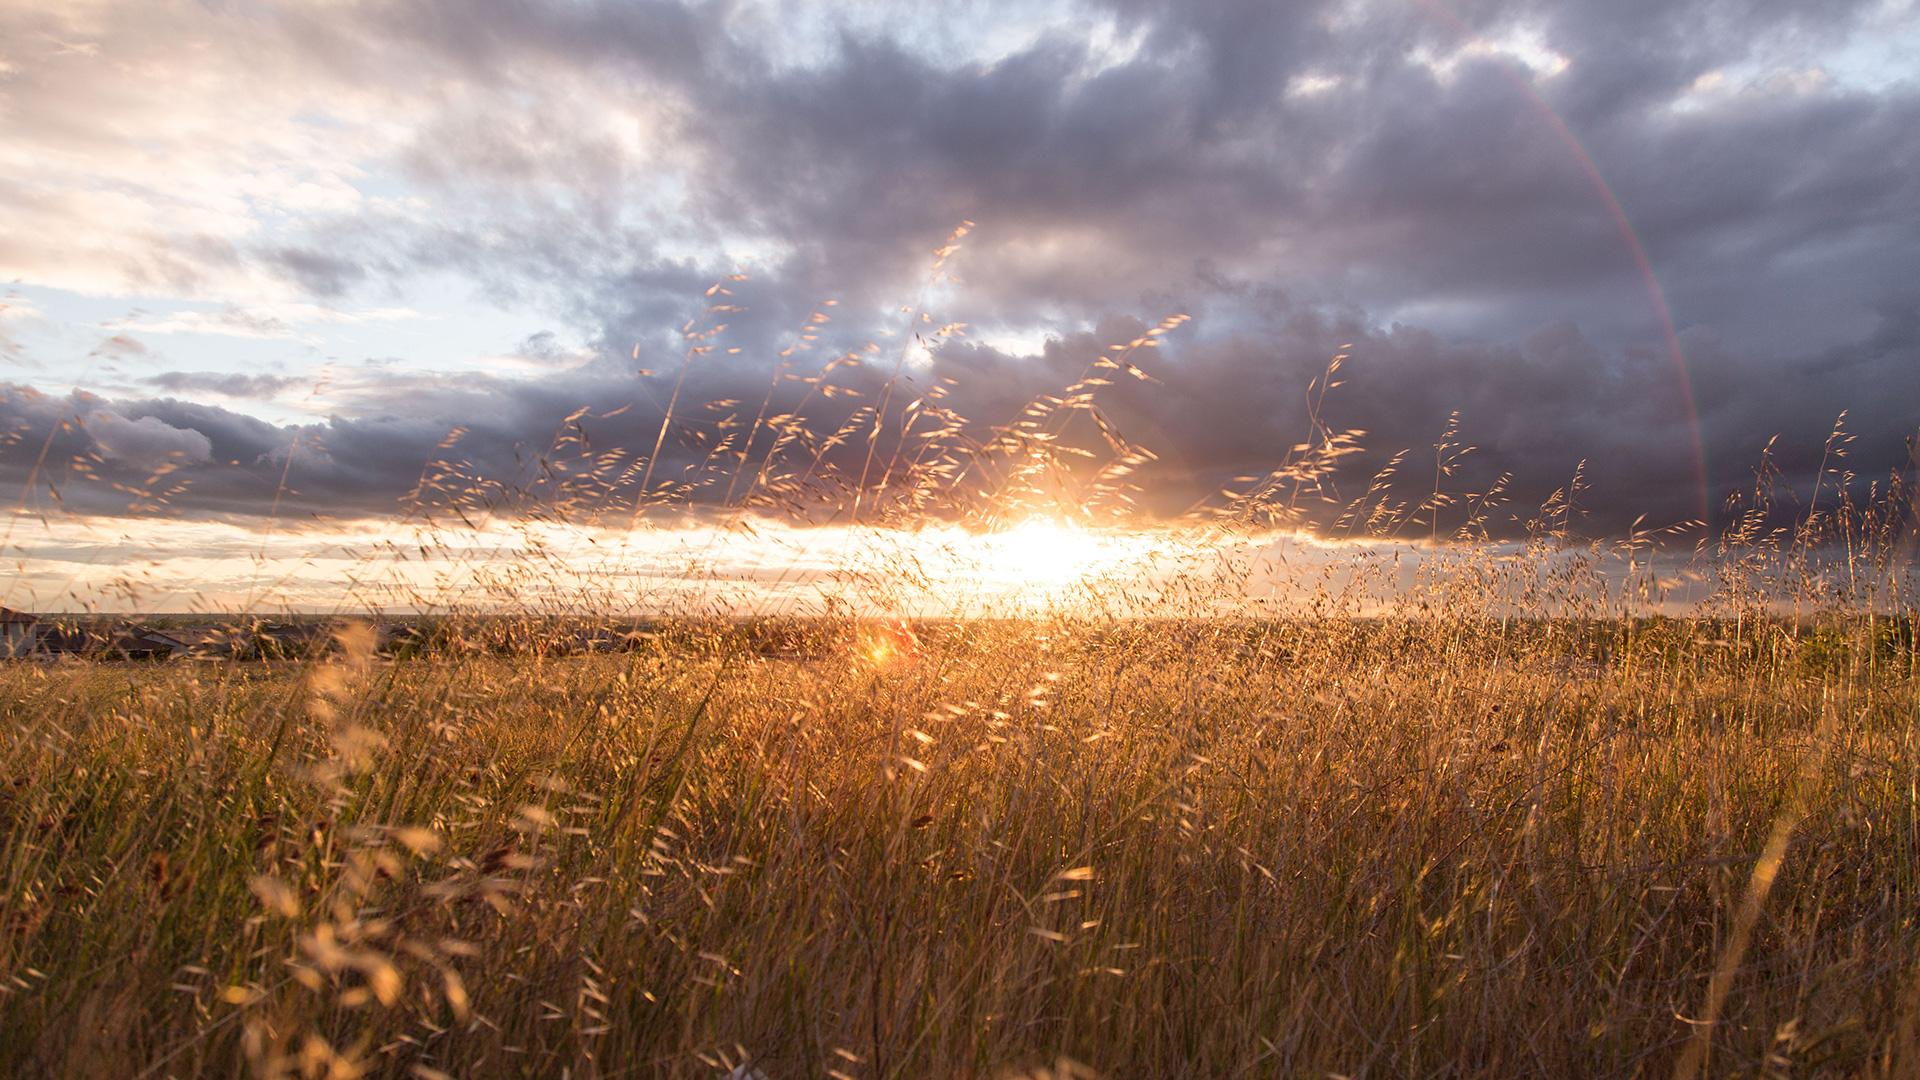 green-grass-field-at-sunset